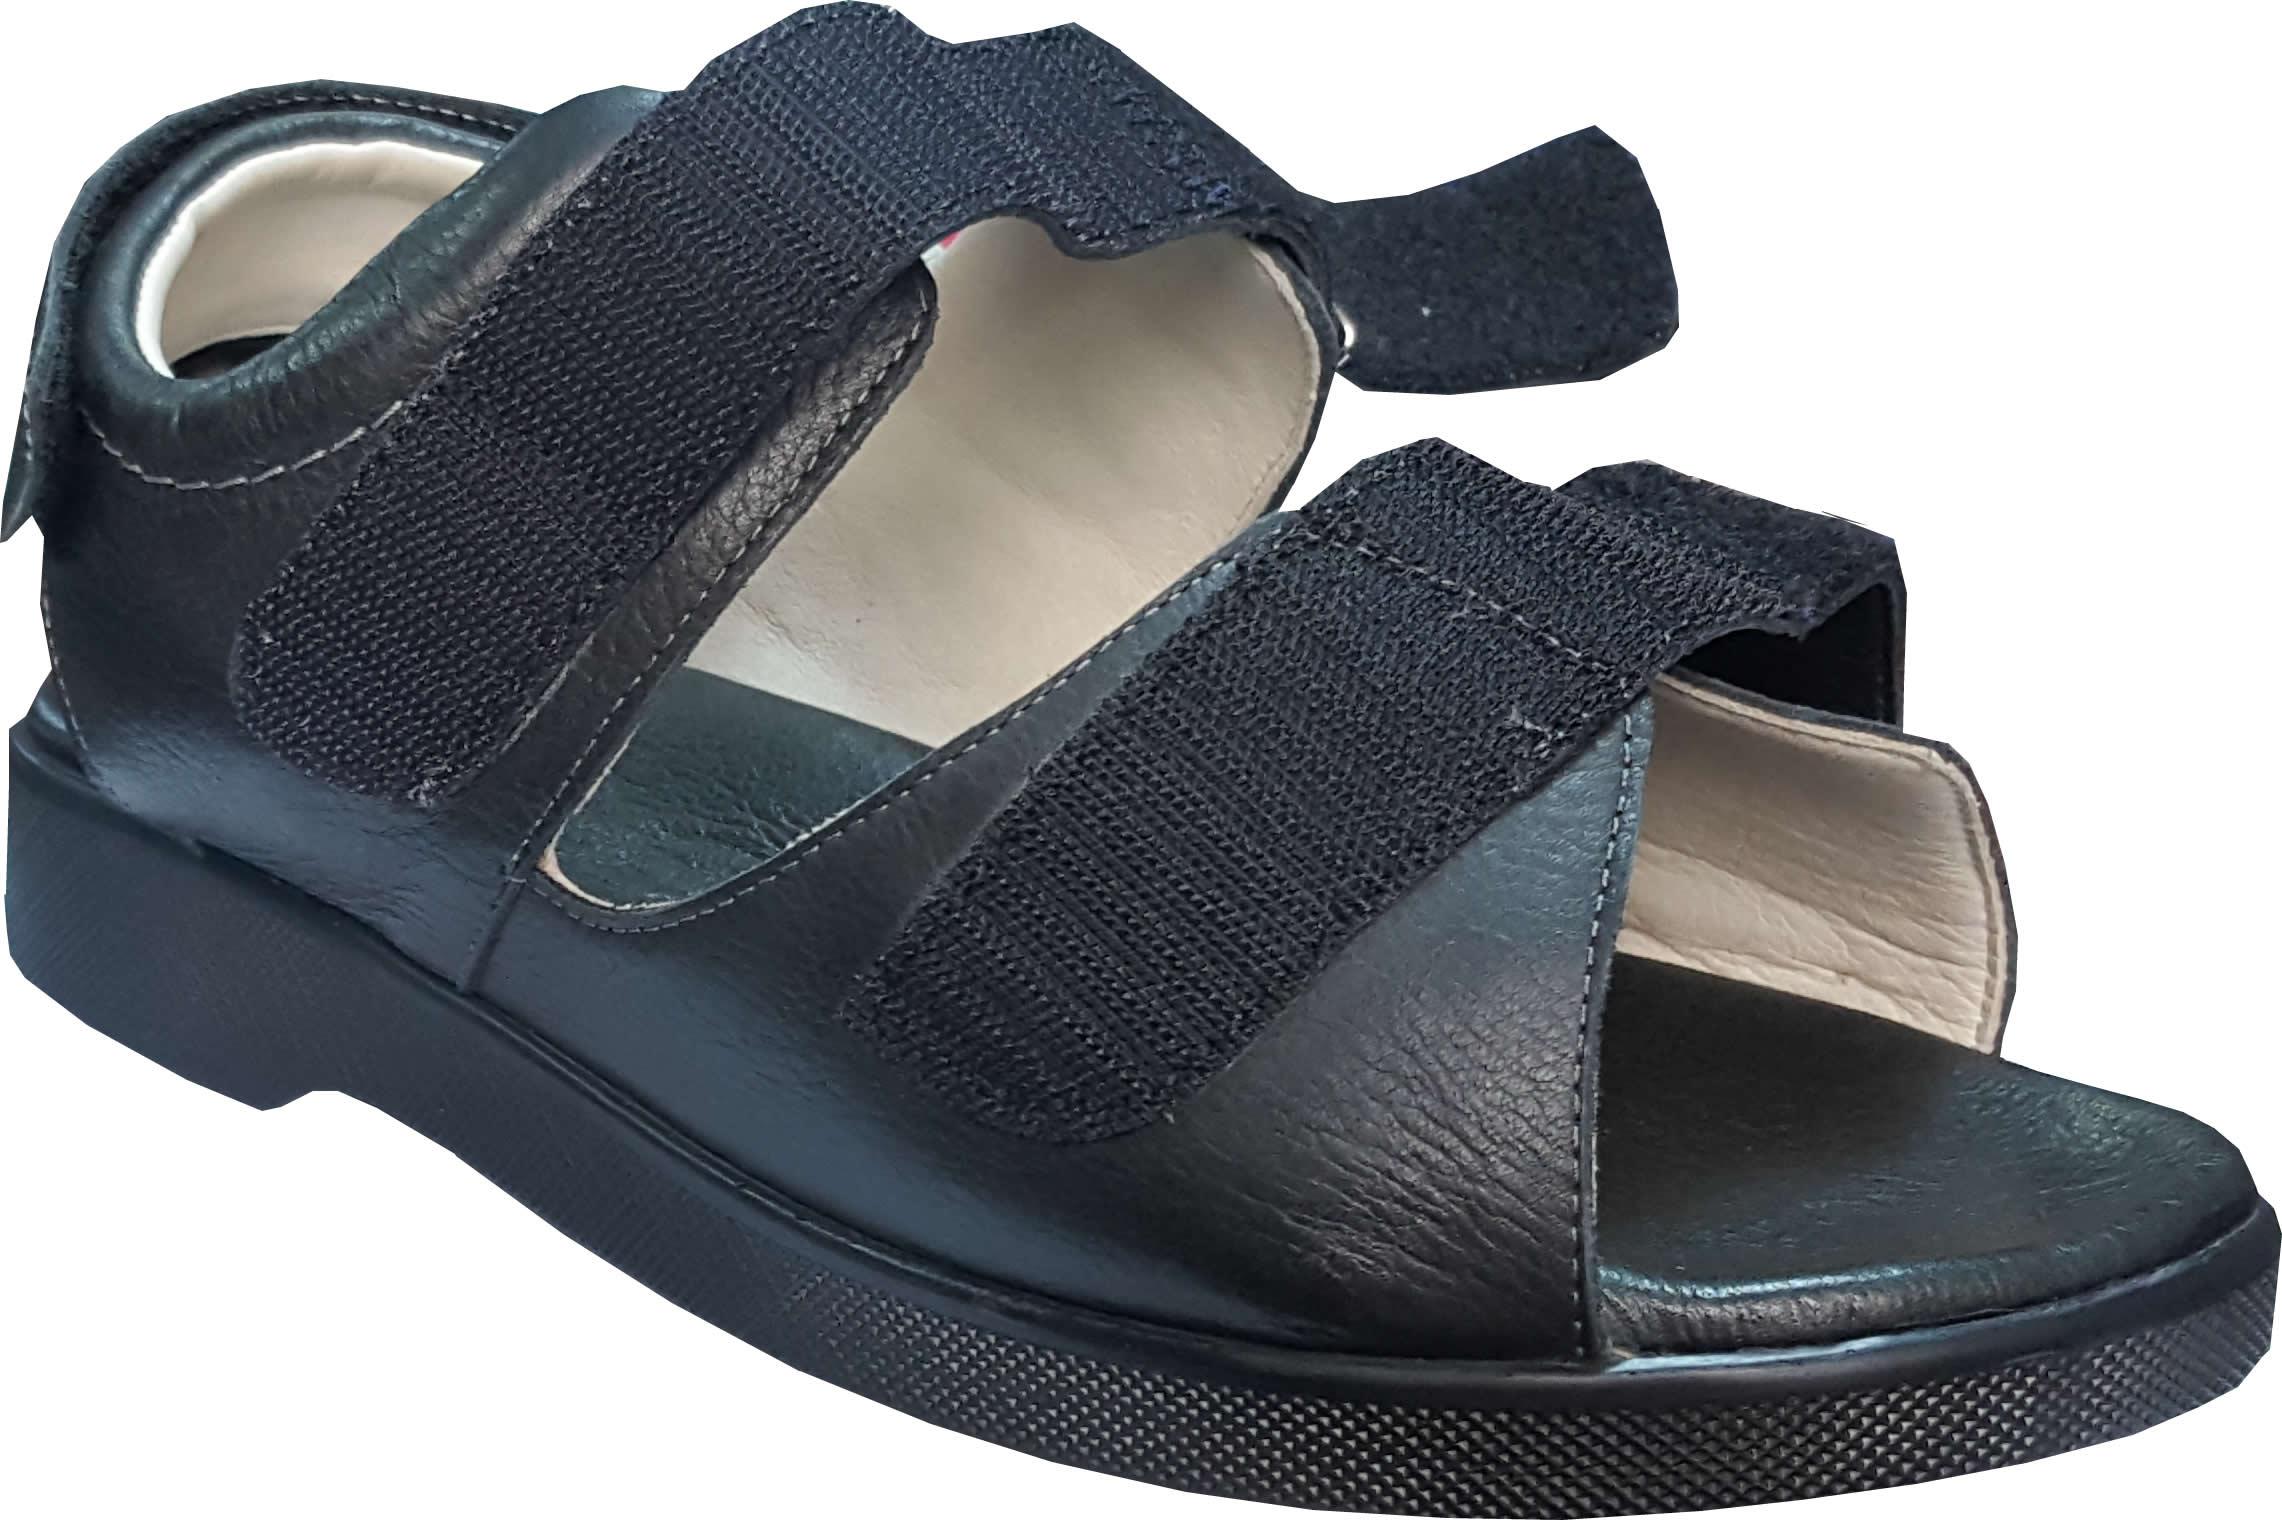 Best Diabetic Sandals For Swollen Feet Made In Turkey